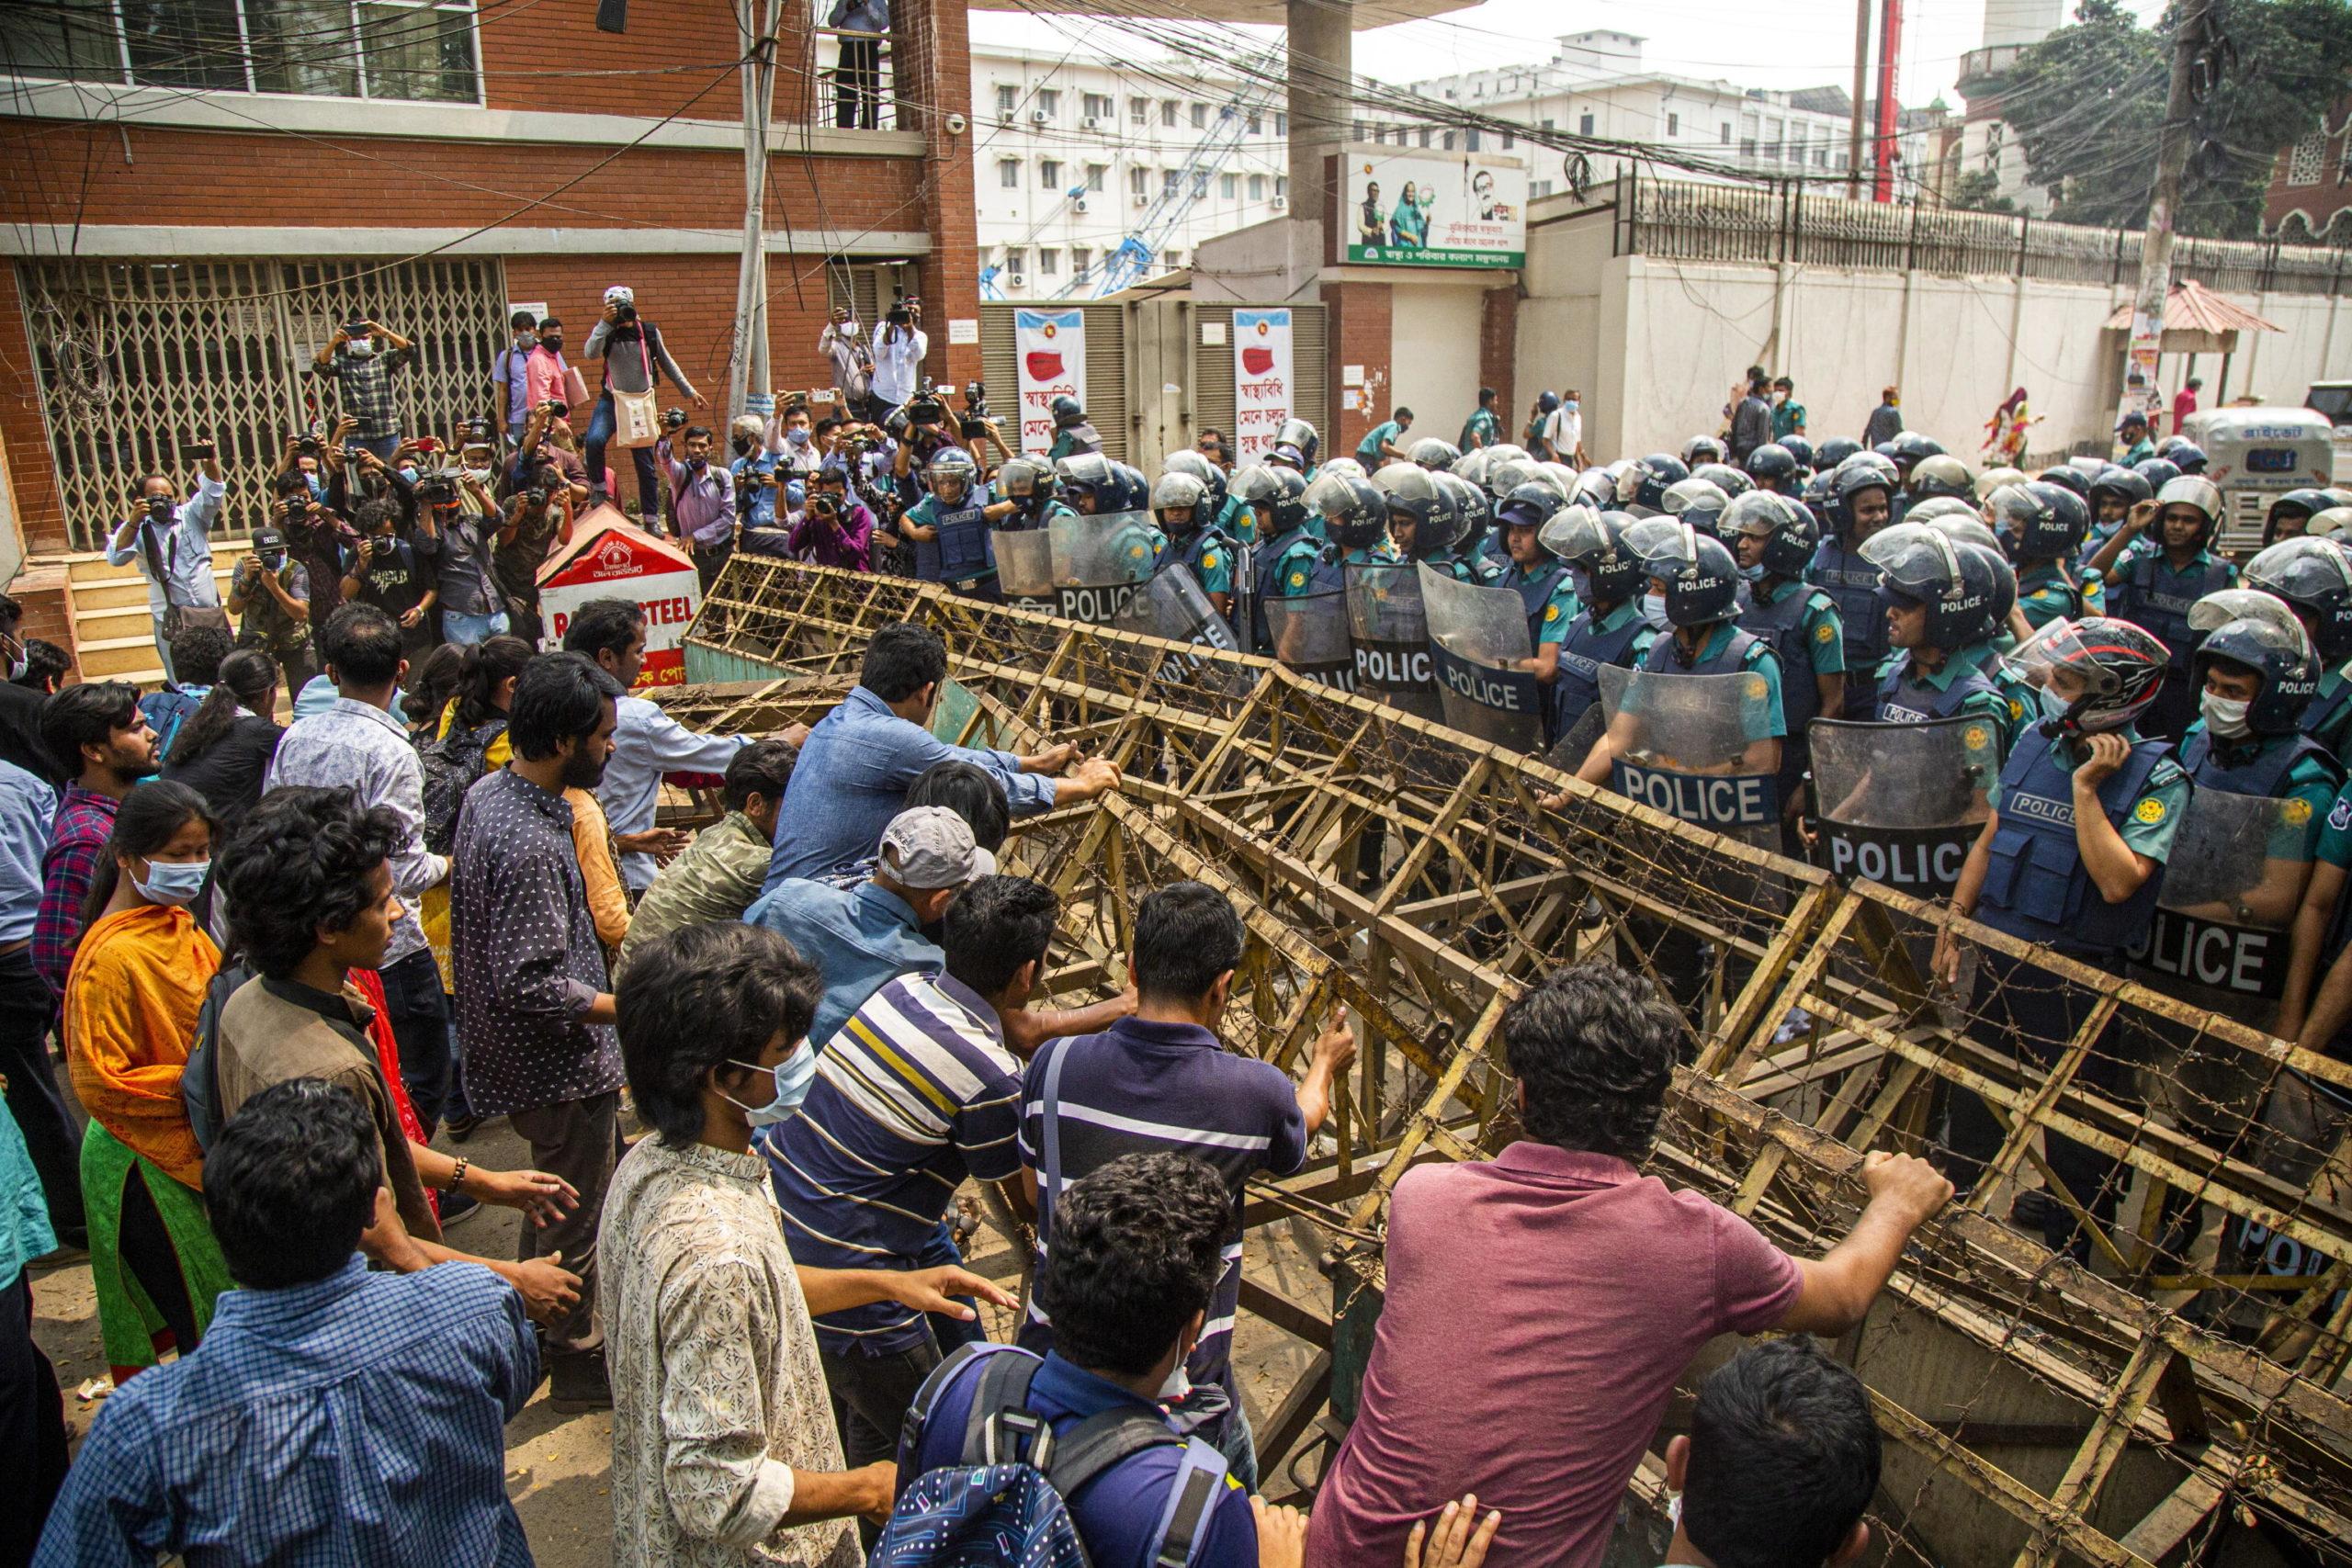 I manifestanti contestano una legge che limiterebbe la libertà di espressione